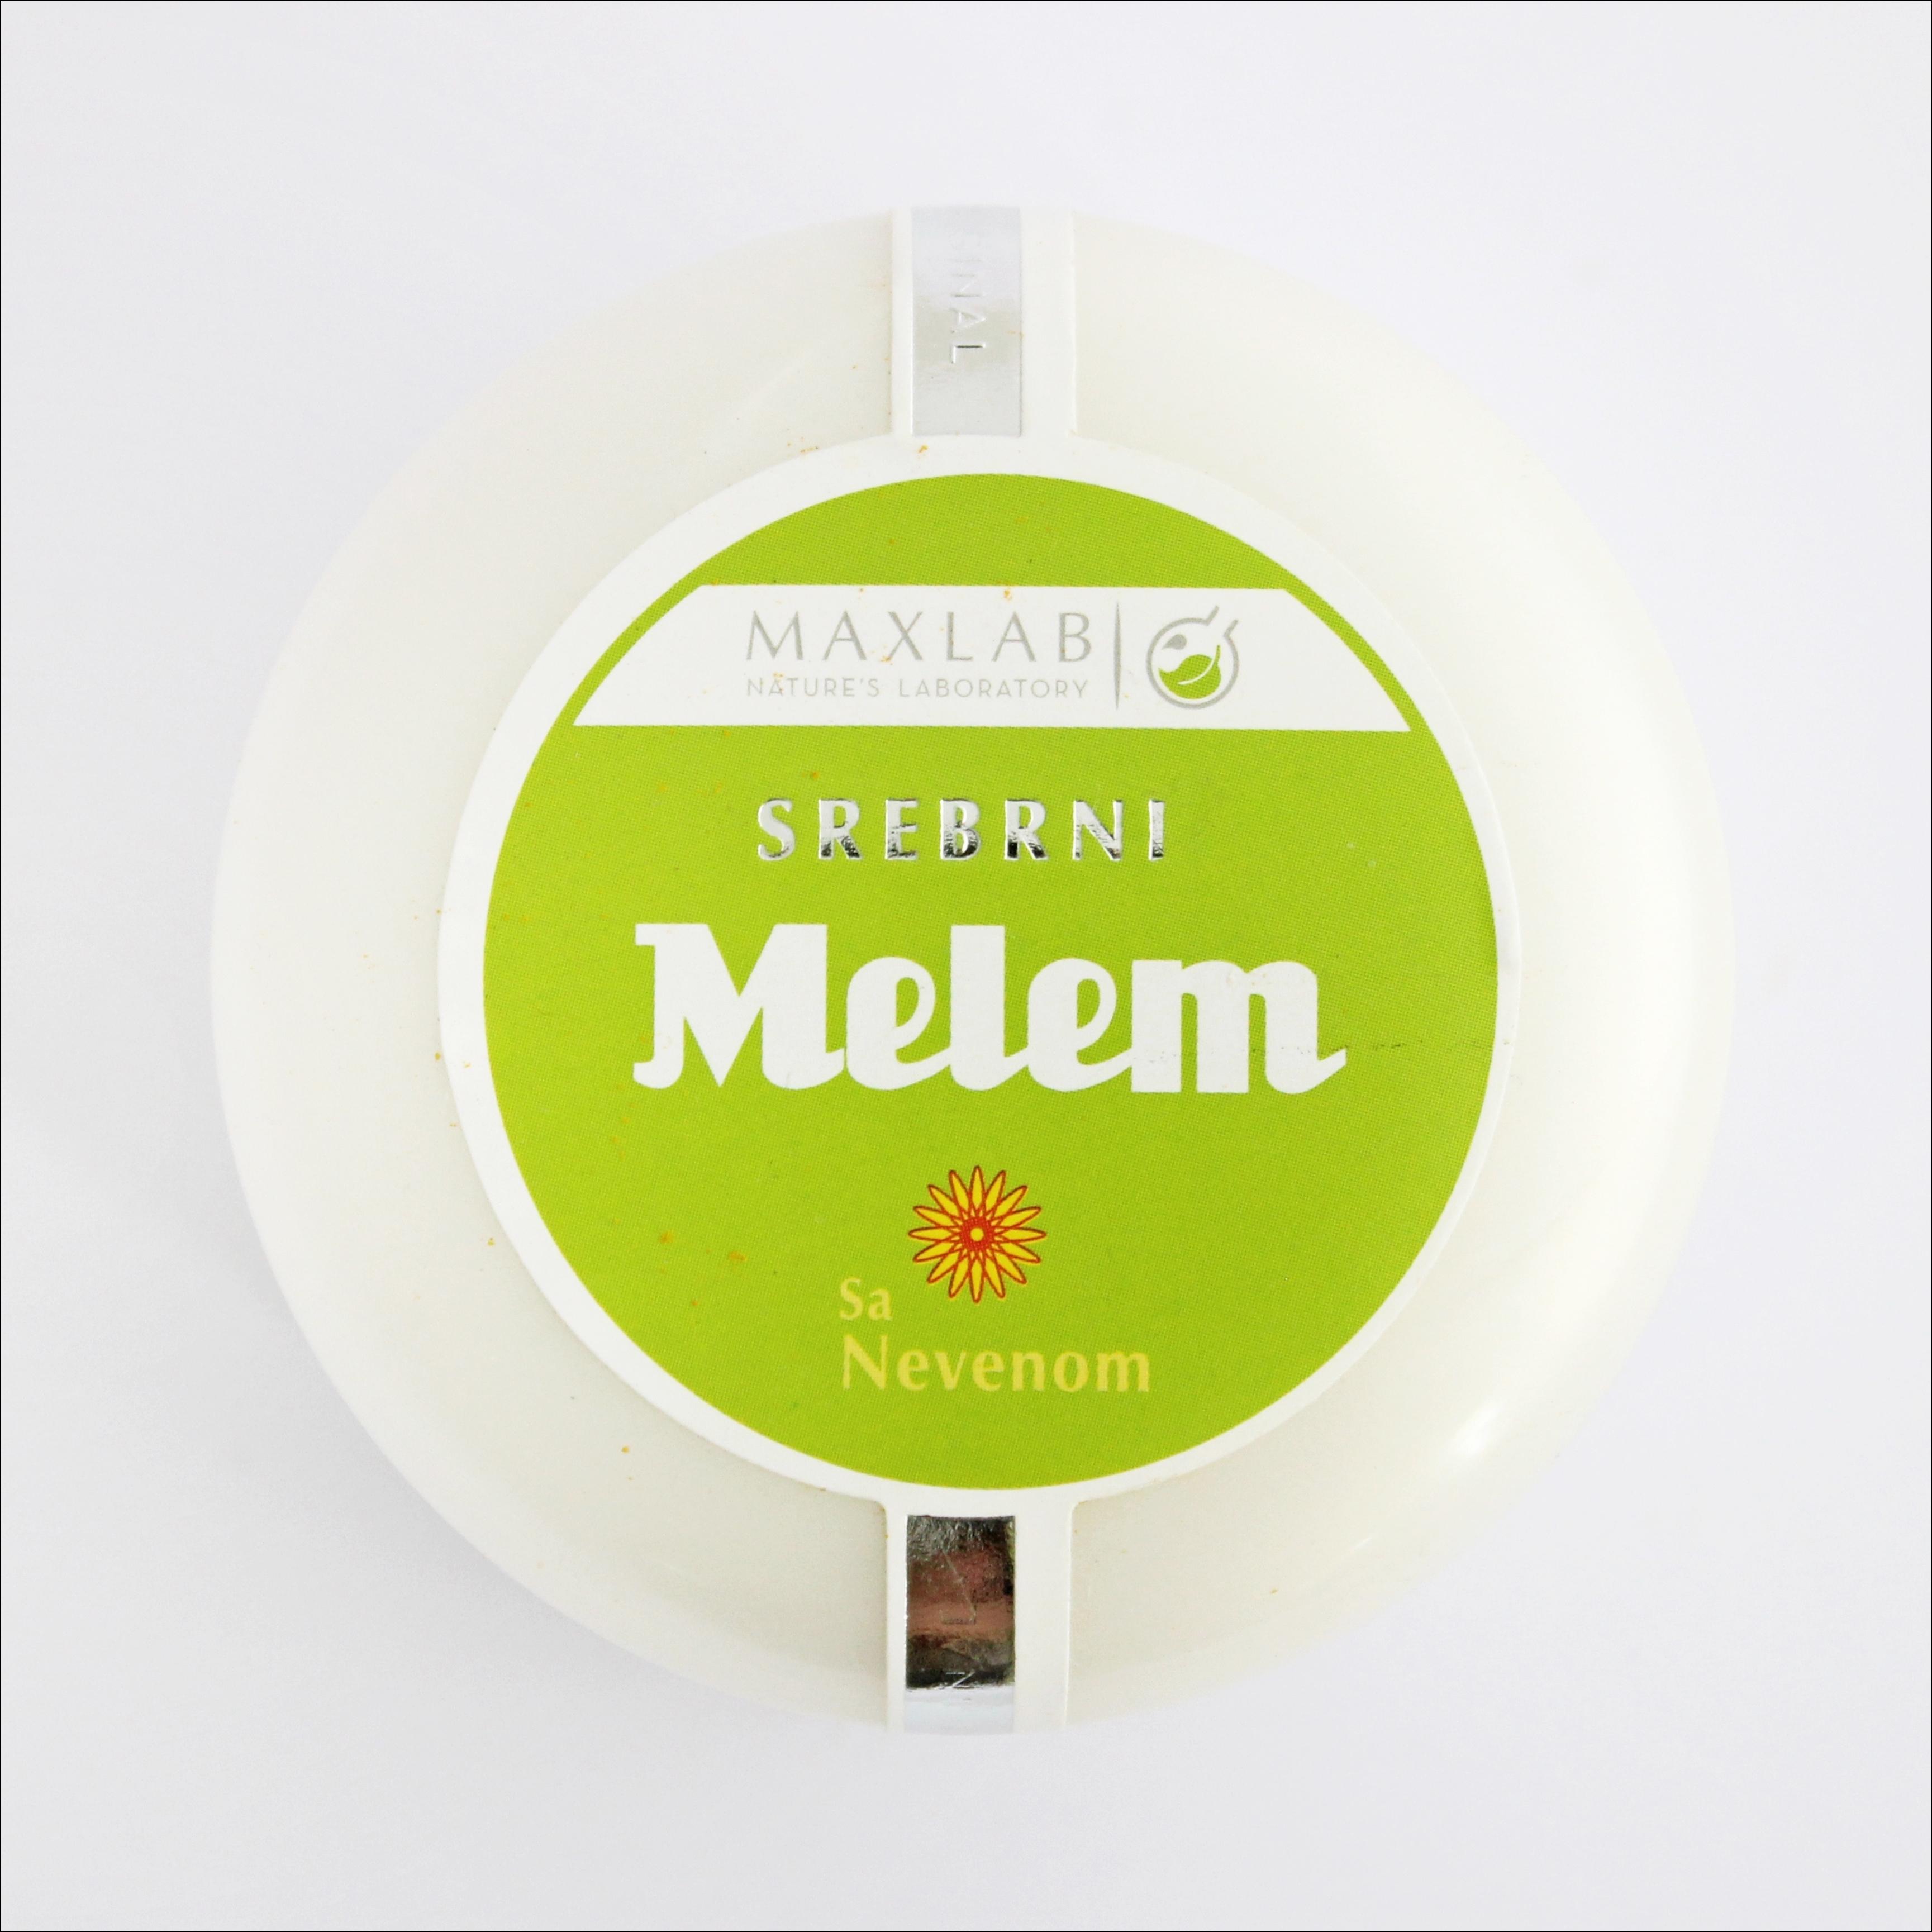 Maxlab - Srebrni melem 00262